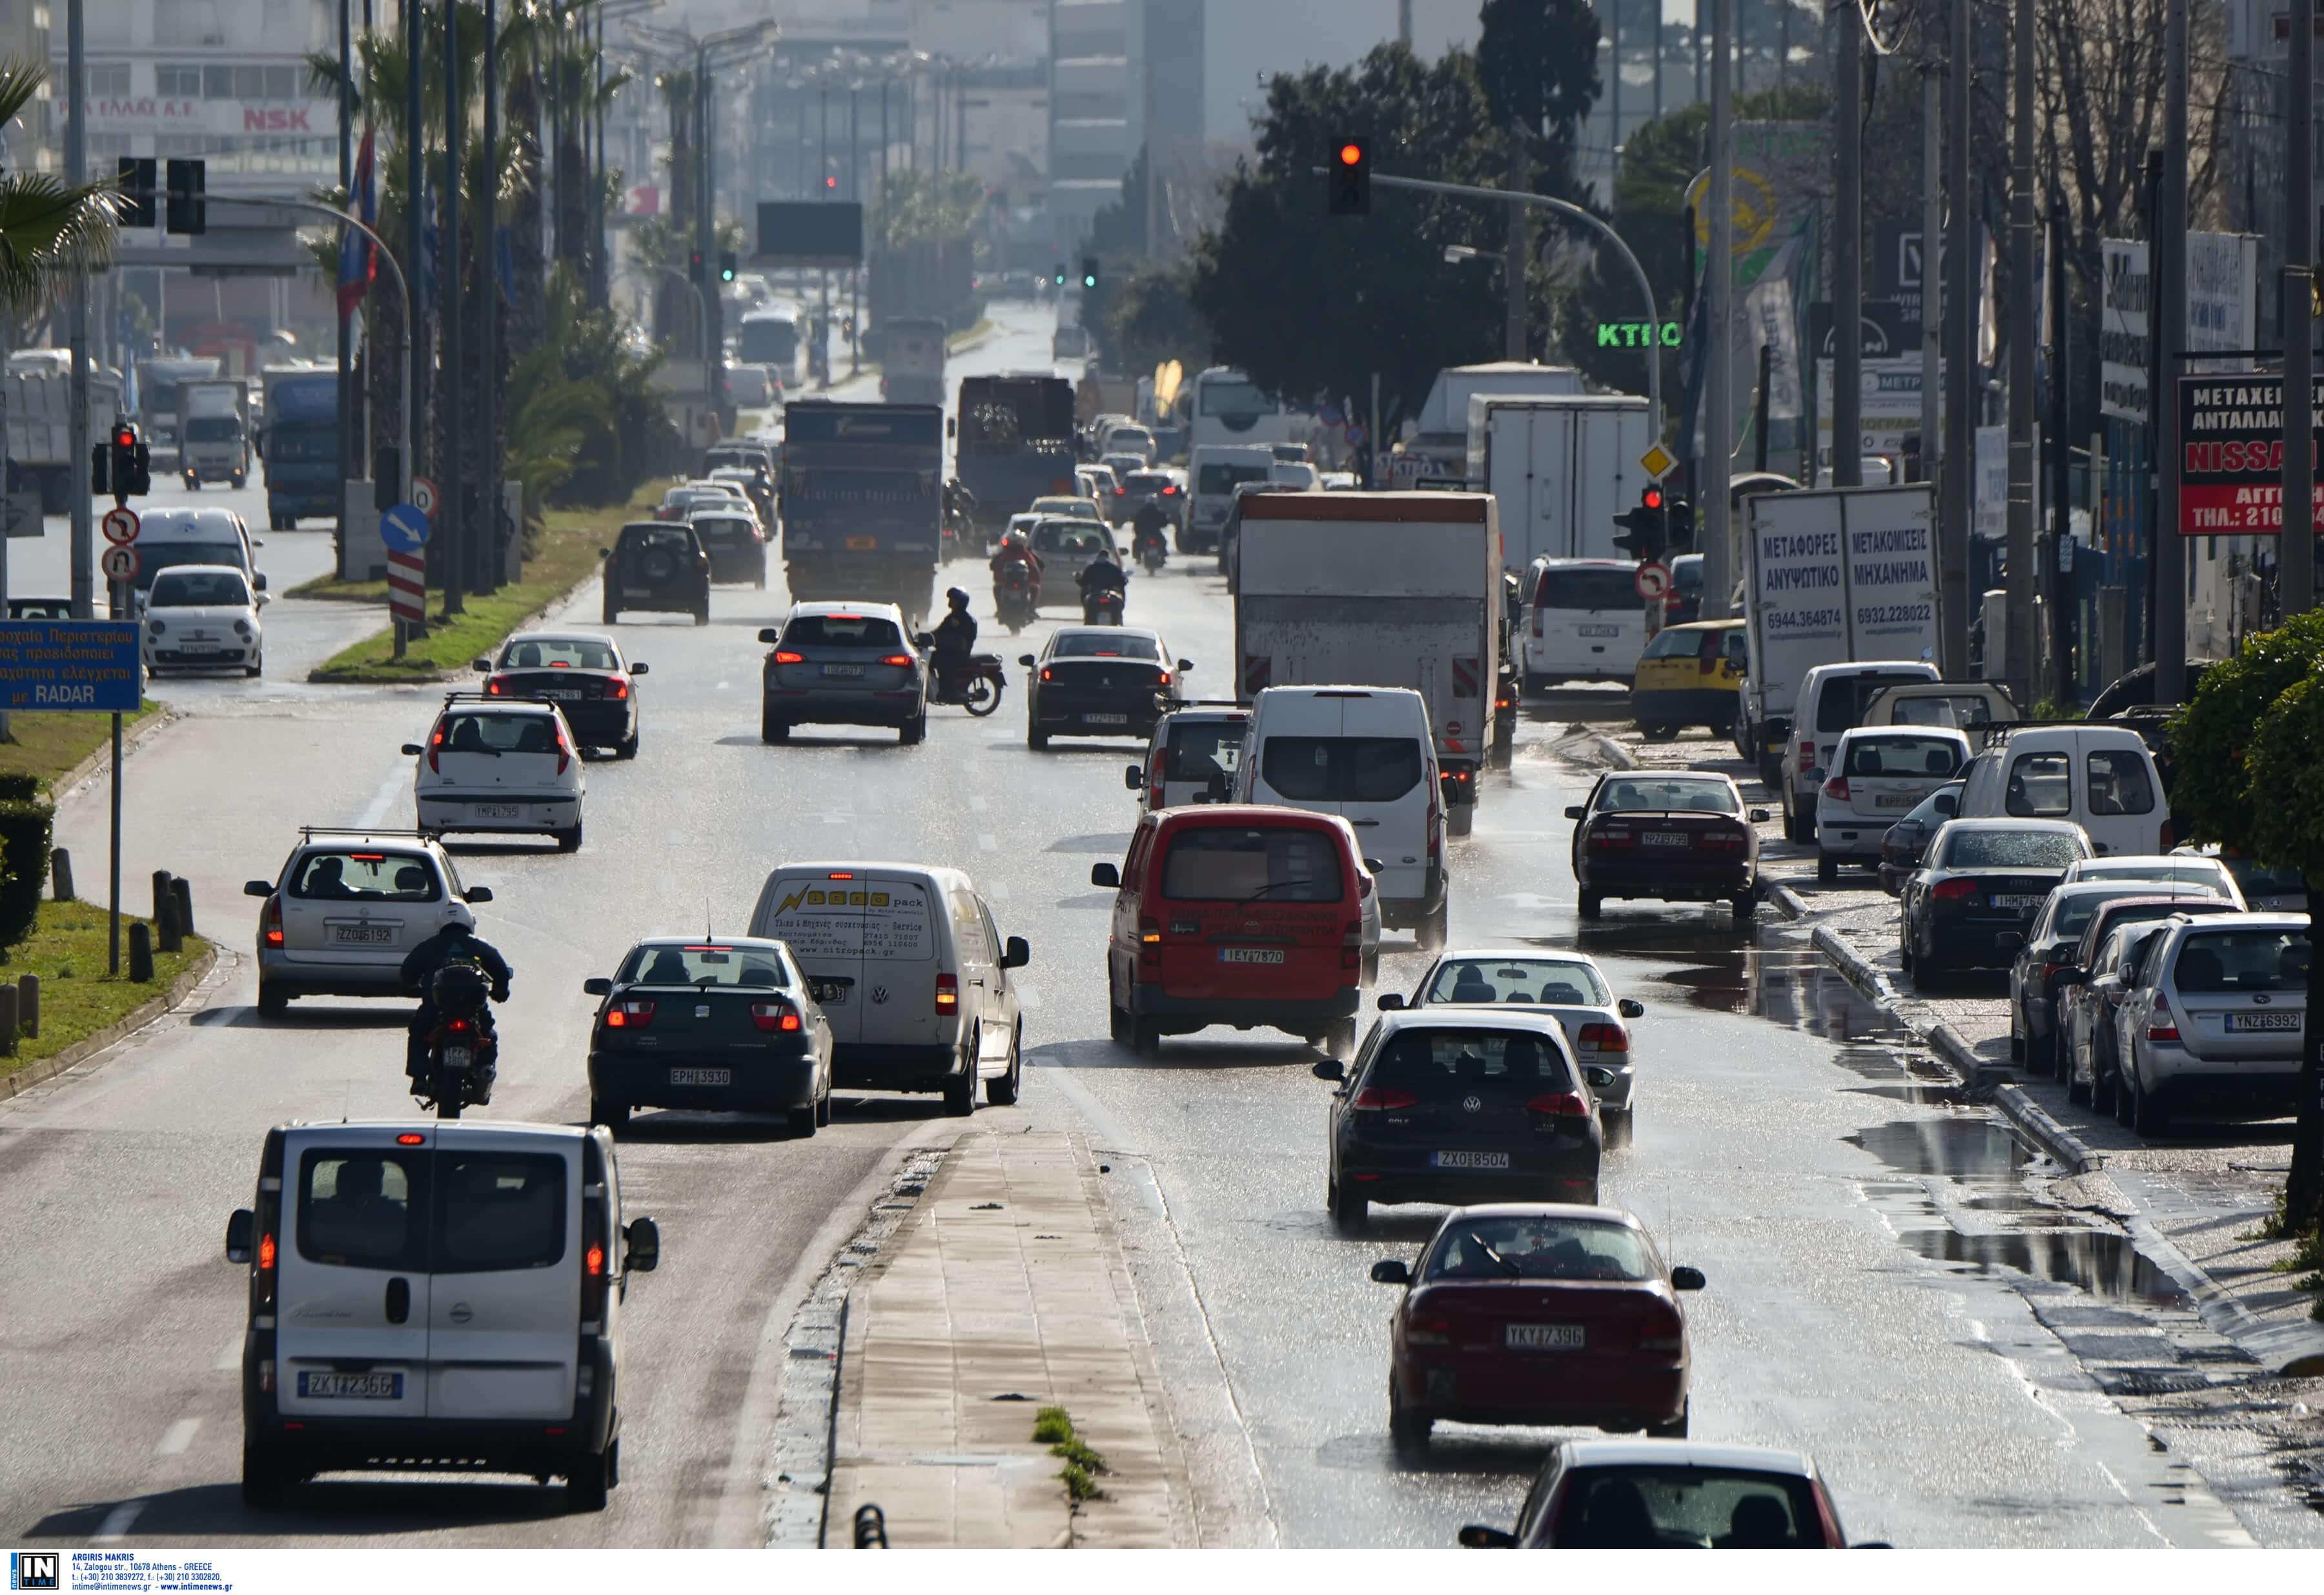 Πάσχα 2019: Συνεχίζεται η έξοδος των εκδρομέων – 133.592 αυτοκίνητα έφυγαν από την Αθήνα